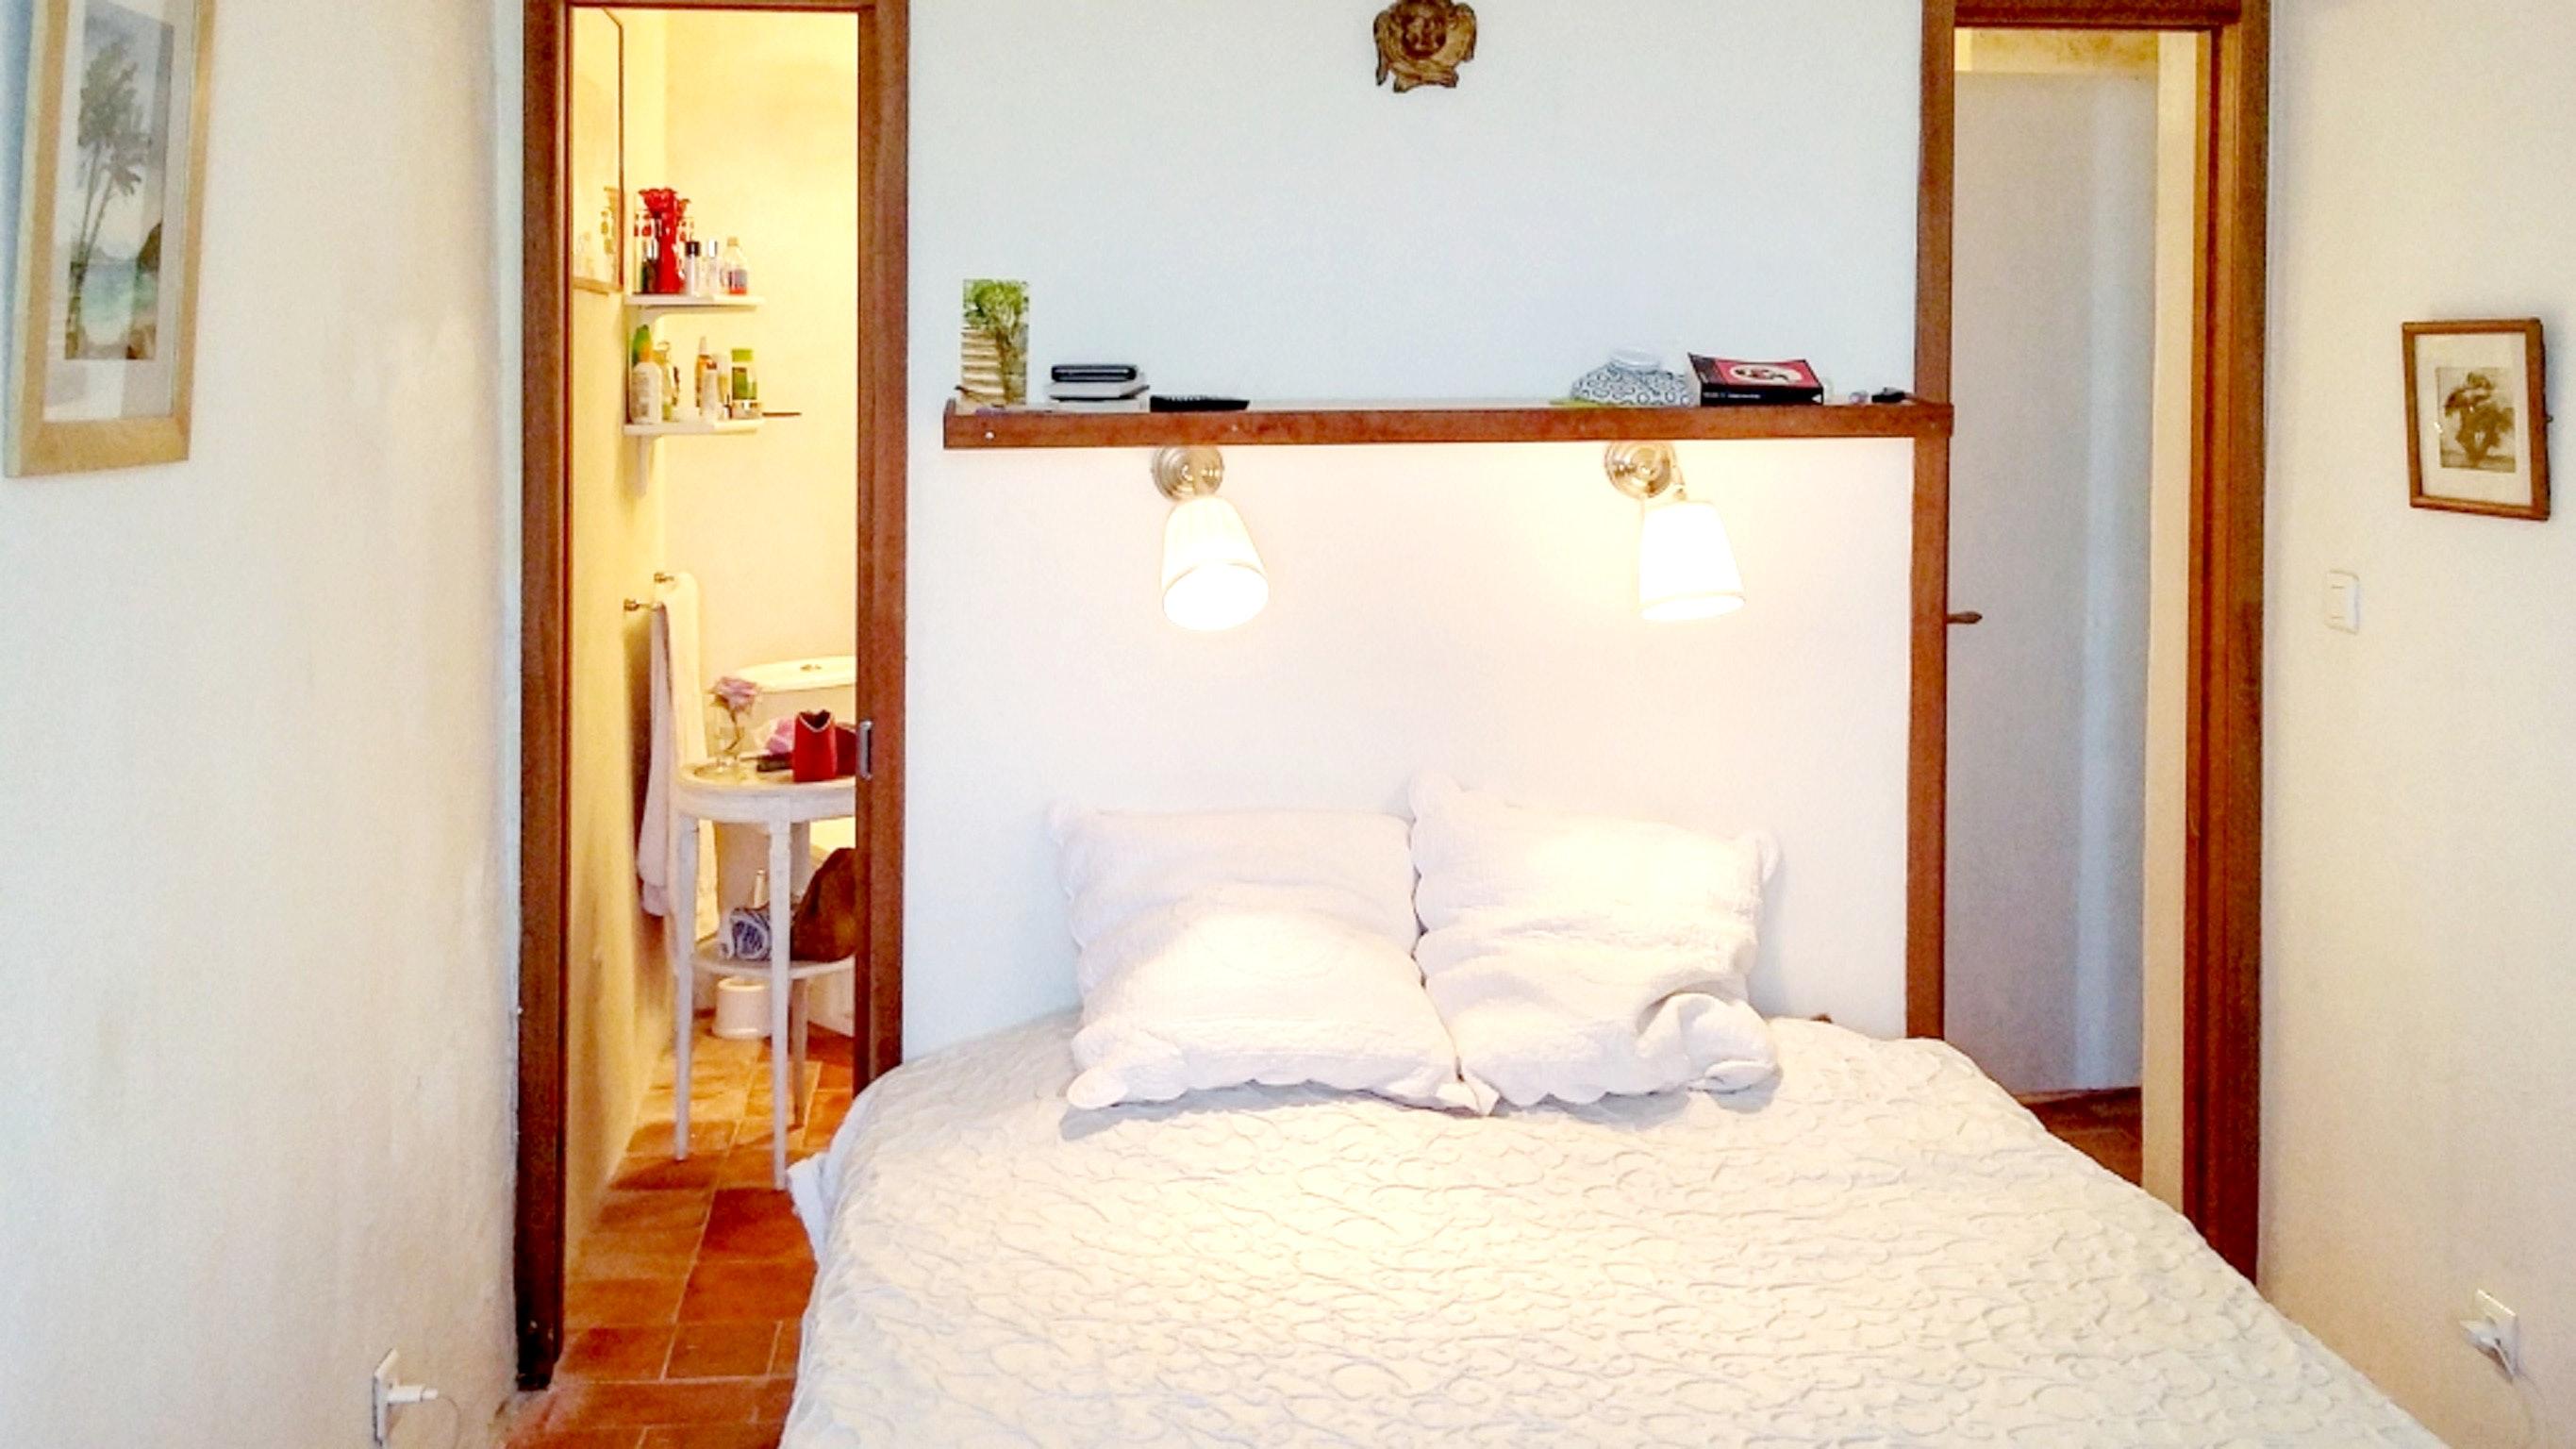 Maison de vacances Herrliches Haus mit neun Schlafzimmern und grandiosem Blick aufs Meer im hübschen Dörfchen (2202571), Centuri, Haute-Corse, Corse, France, image 18